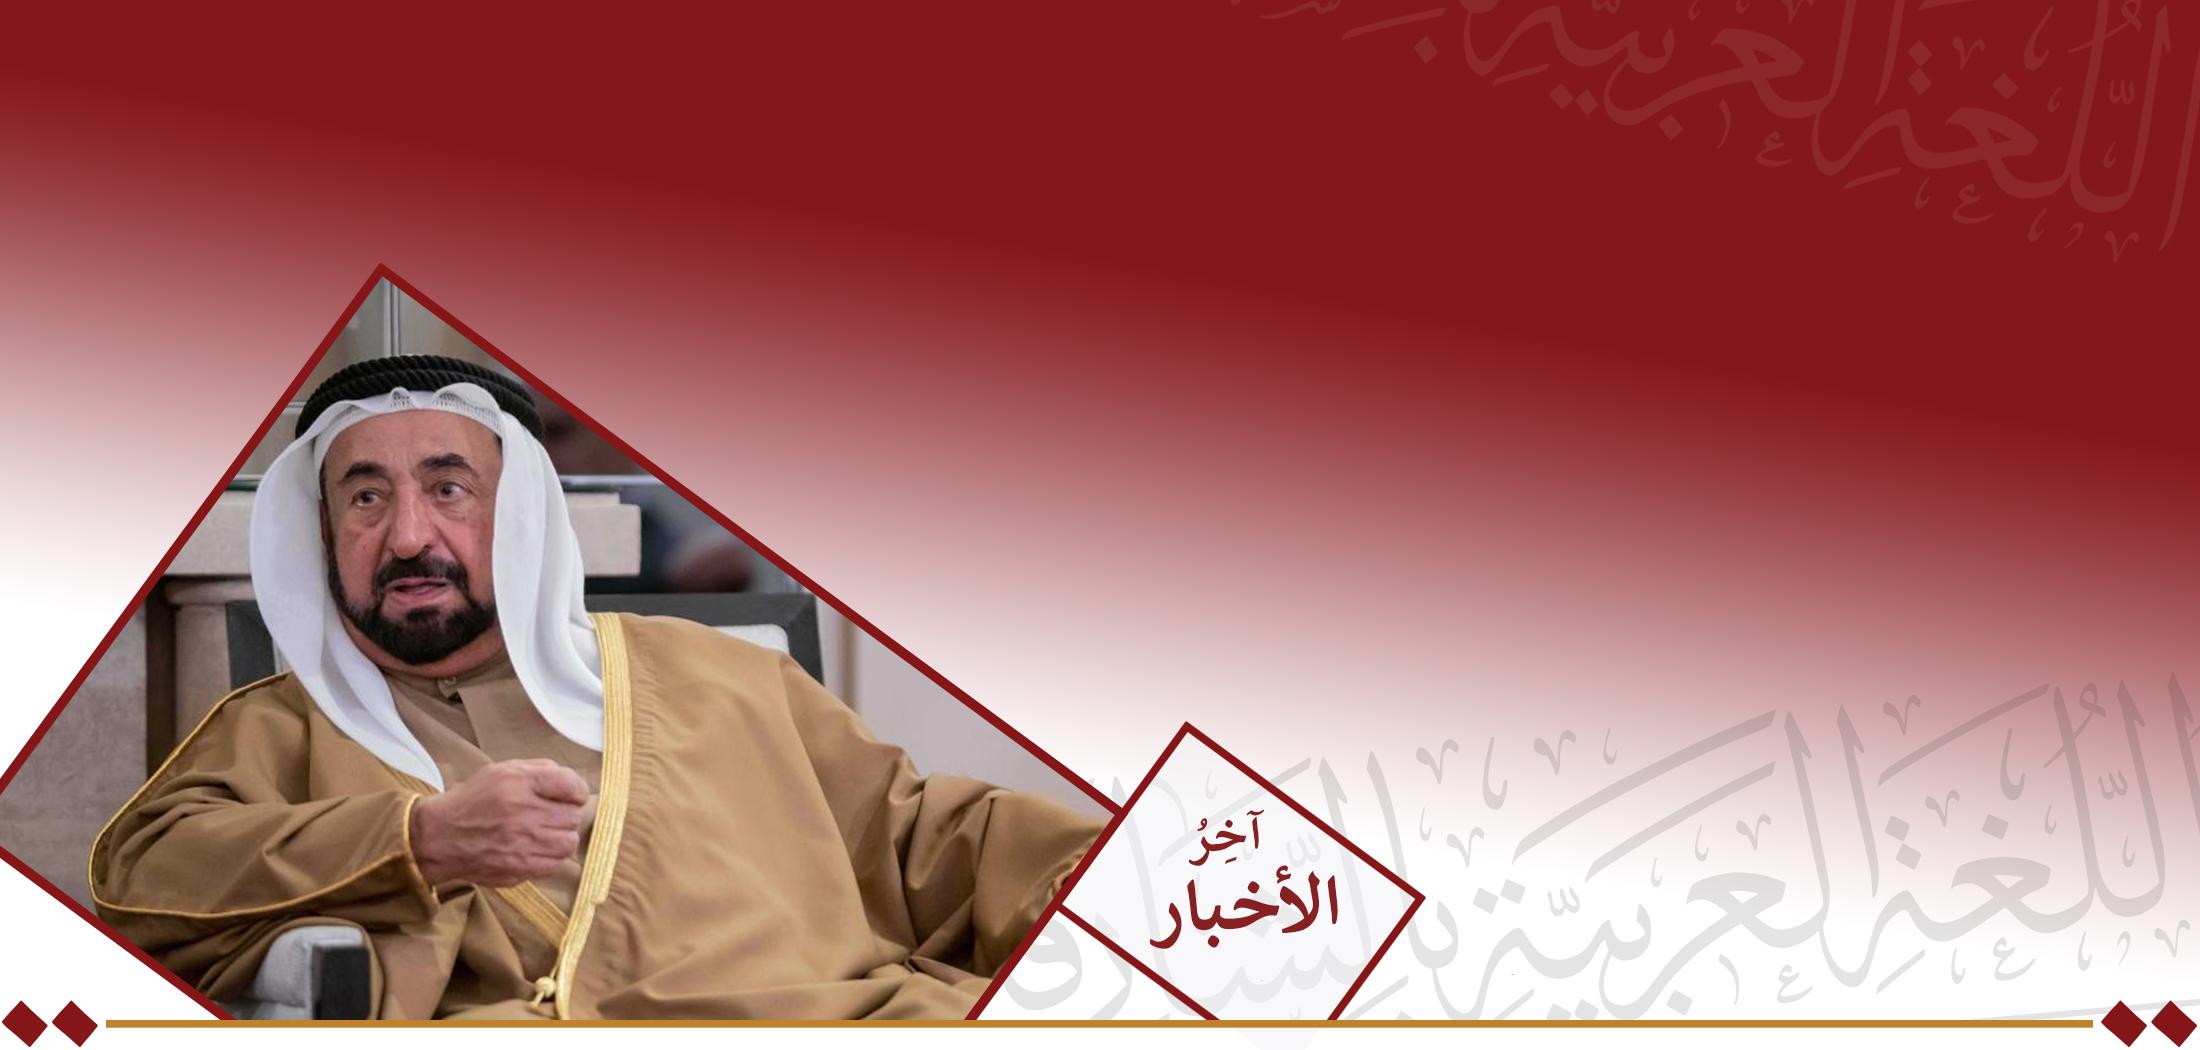 حاكم الشارقة يعلن عن تأسيس رابطة اللغة العربية – أخبار